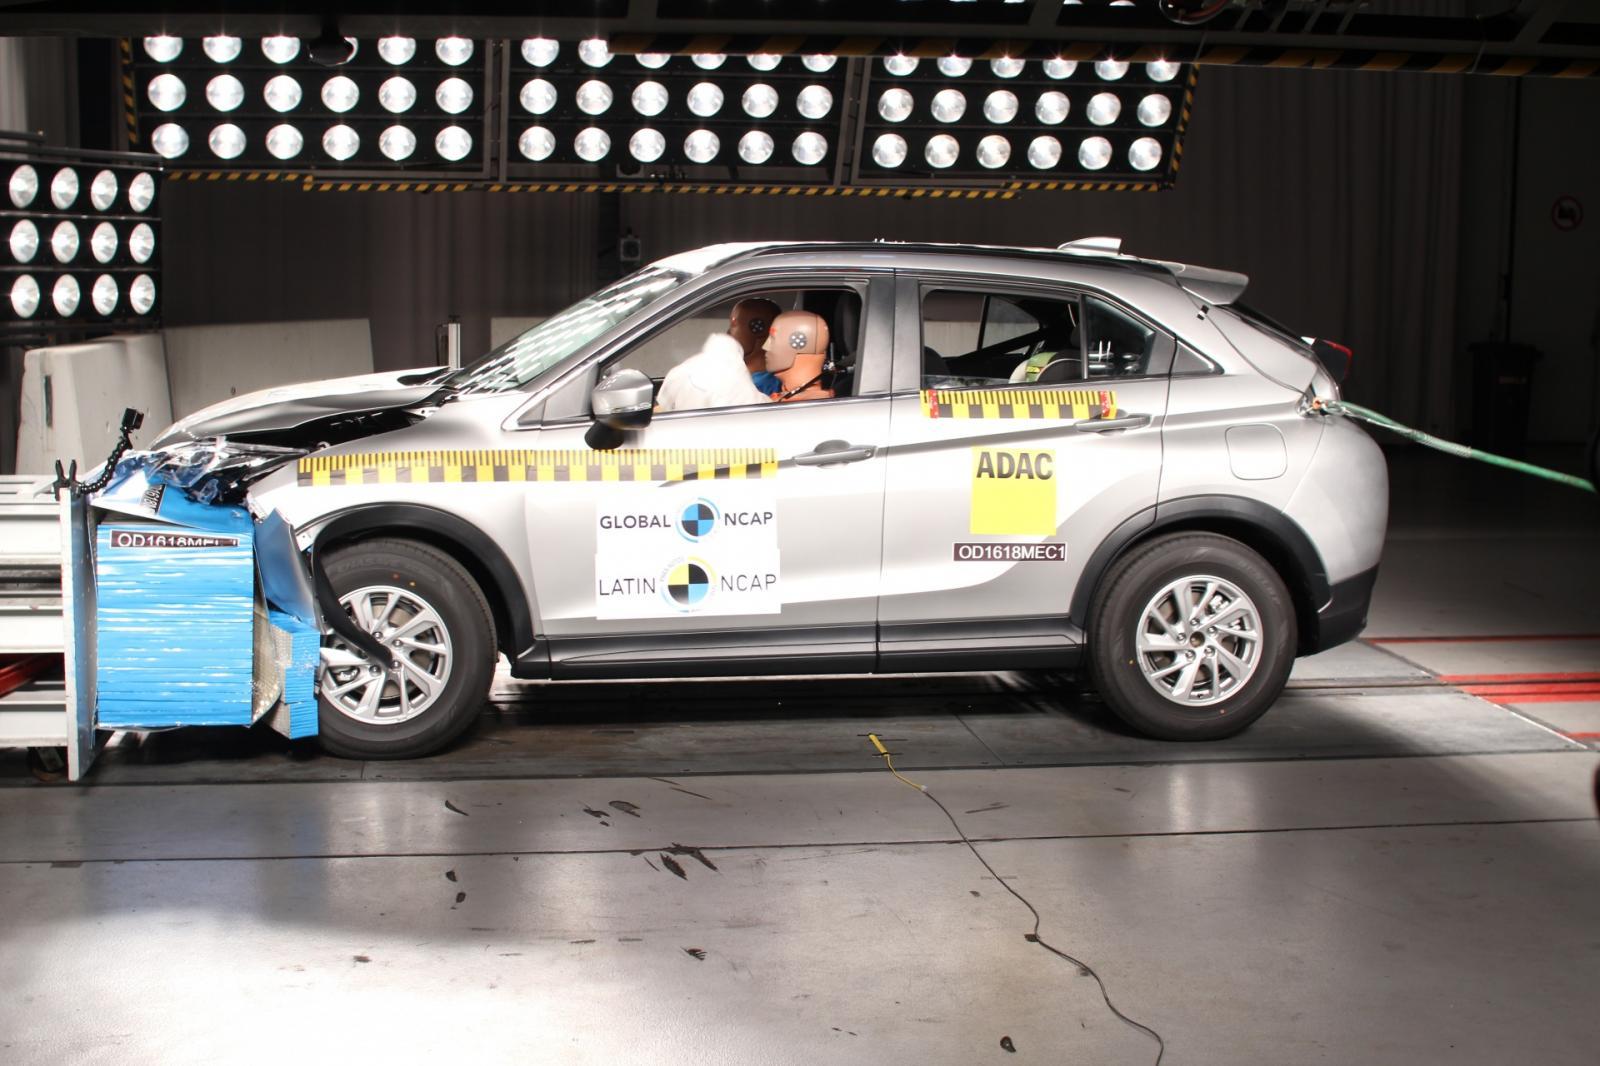 Las tecnologías que necesitan los autos en Latinoamérica